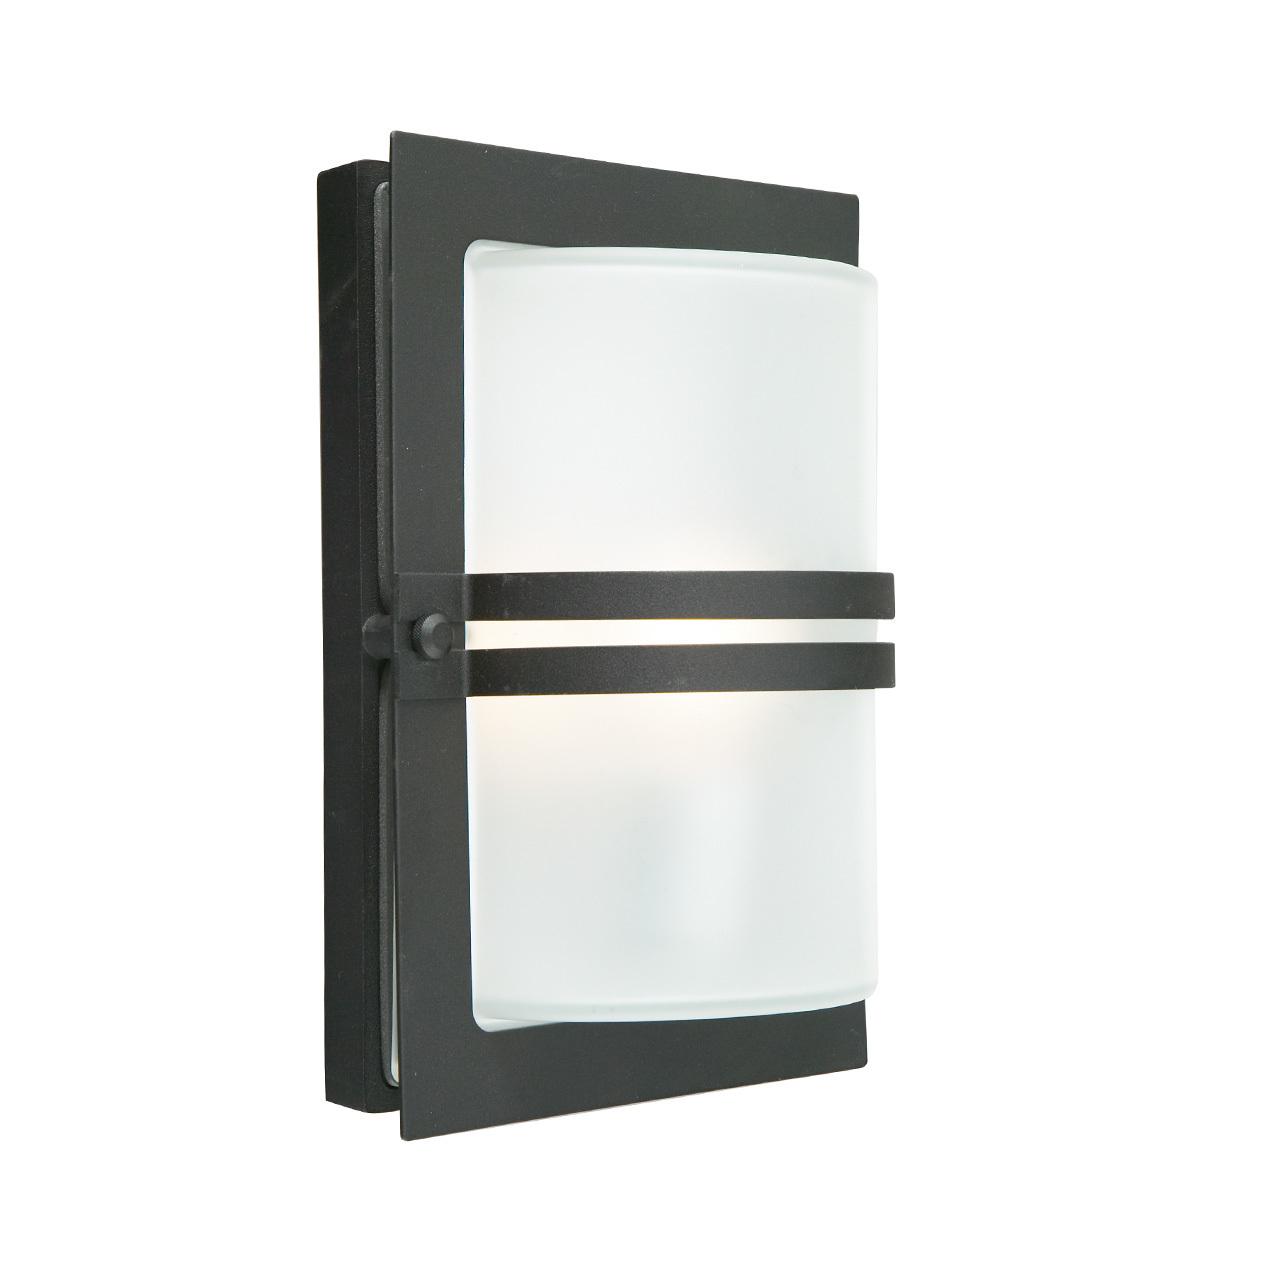 Lampa ścienna BASEL LED 668B -Norlys  SPRAWDŹ RABATY  5-10-15-20 % w koszyku